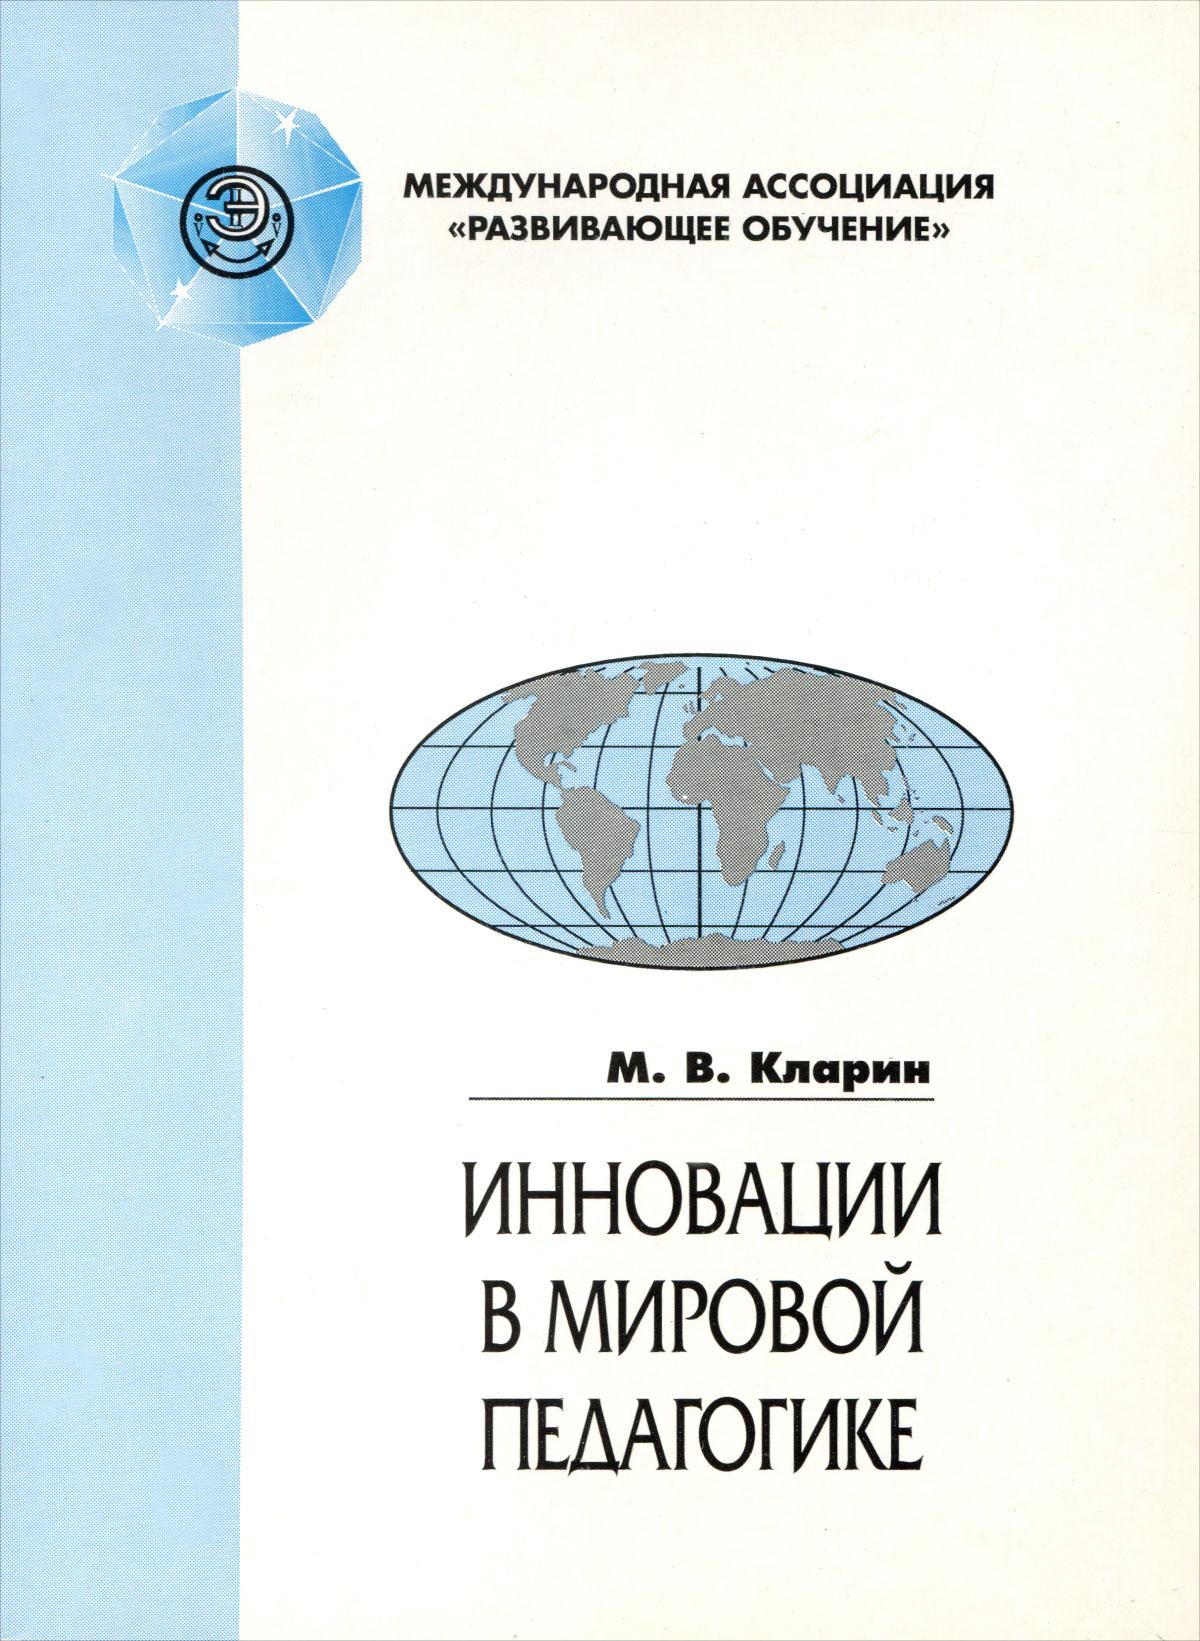 М. В. Кларин Инновации в мировой педагогике. Обучение на основе исследования, игры и дискуссии